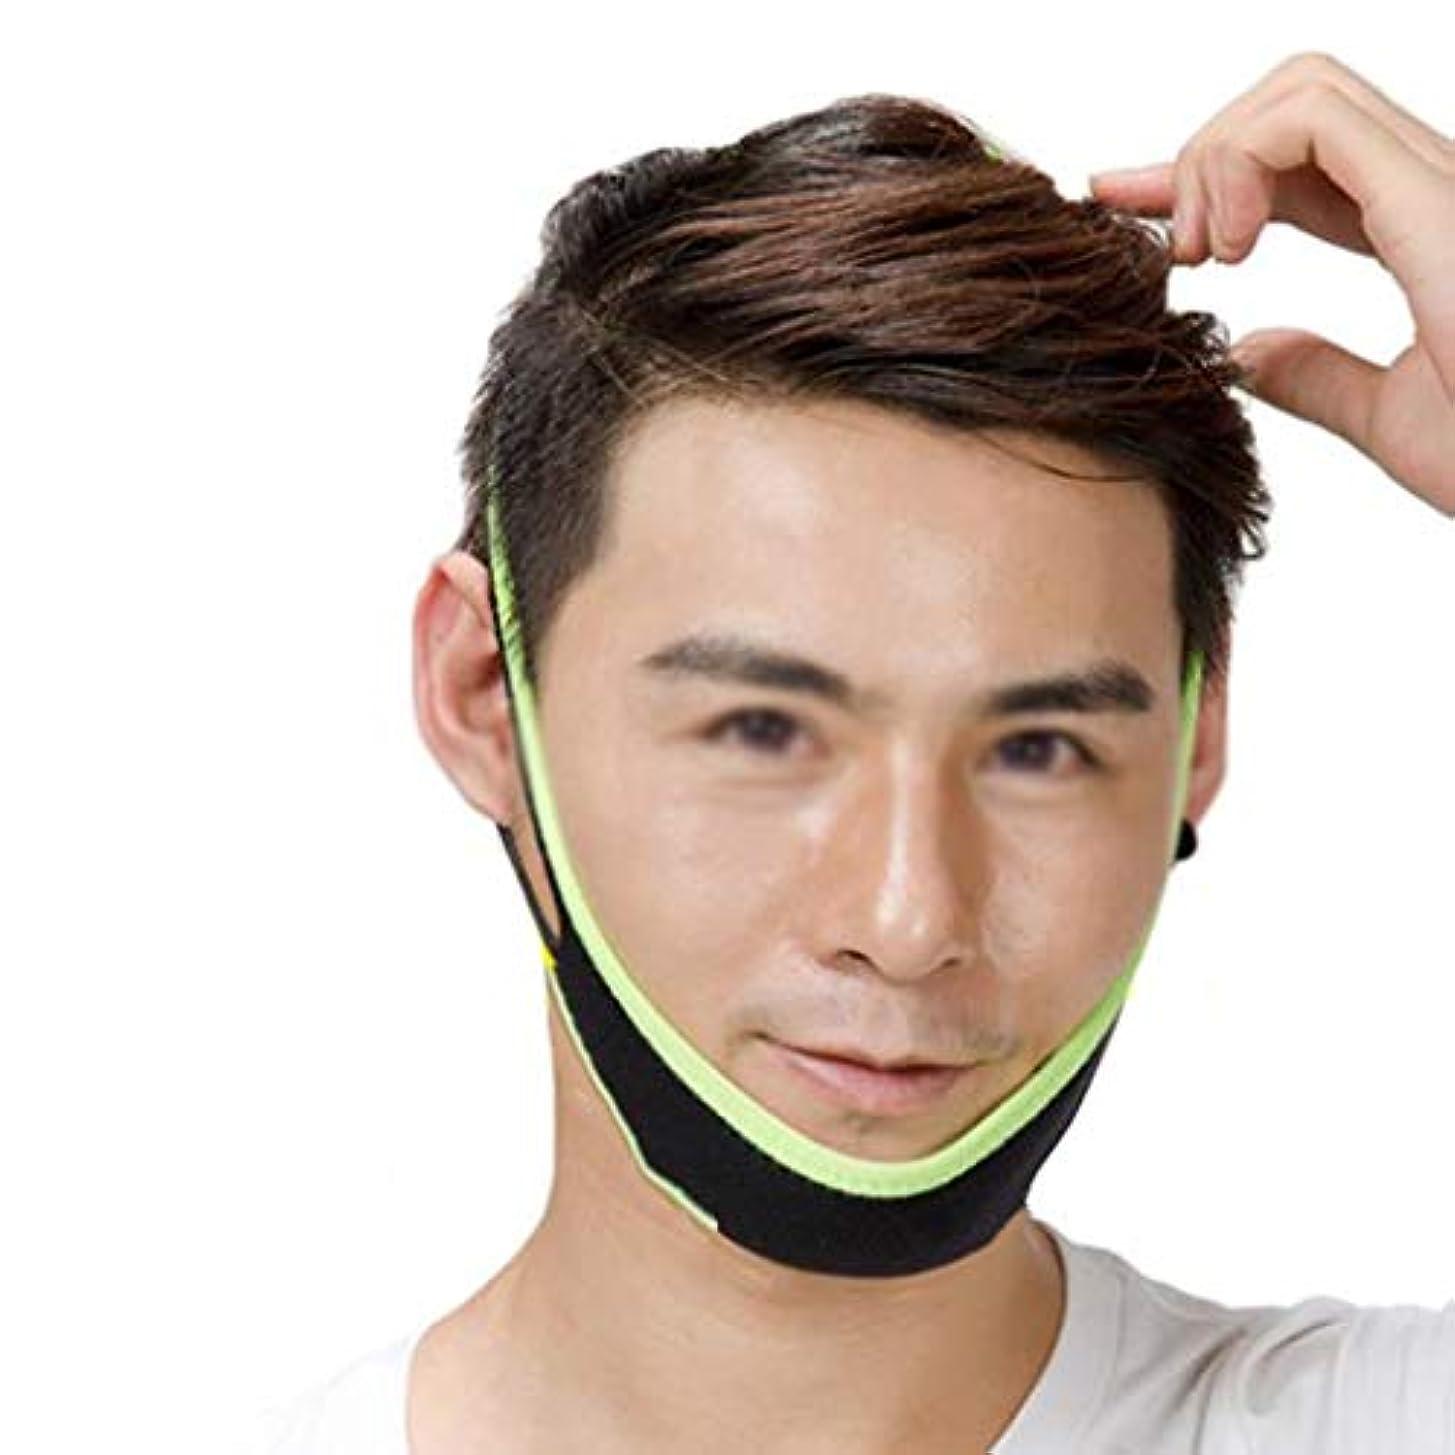 代わりに無限大手配するZWBD フェイスマスク, マスクアーチファクトアーティファクトリフティングマッサージアーティファクト付き薄い顔の包帯メンズスペシャルスリープスモールVフェイス